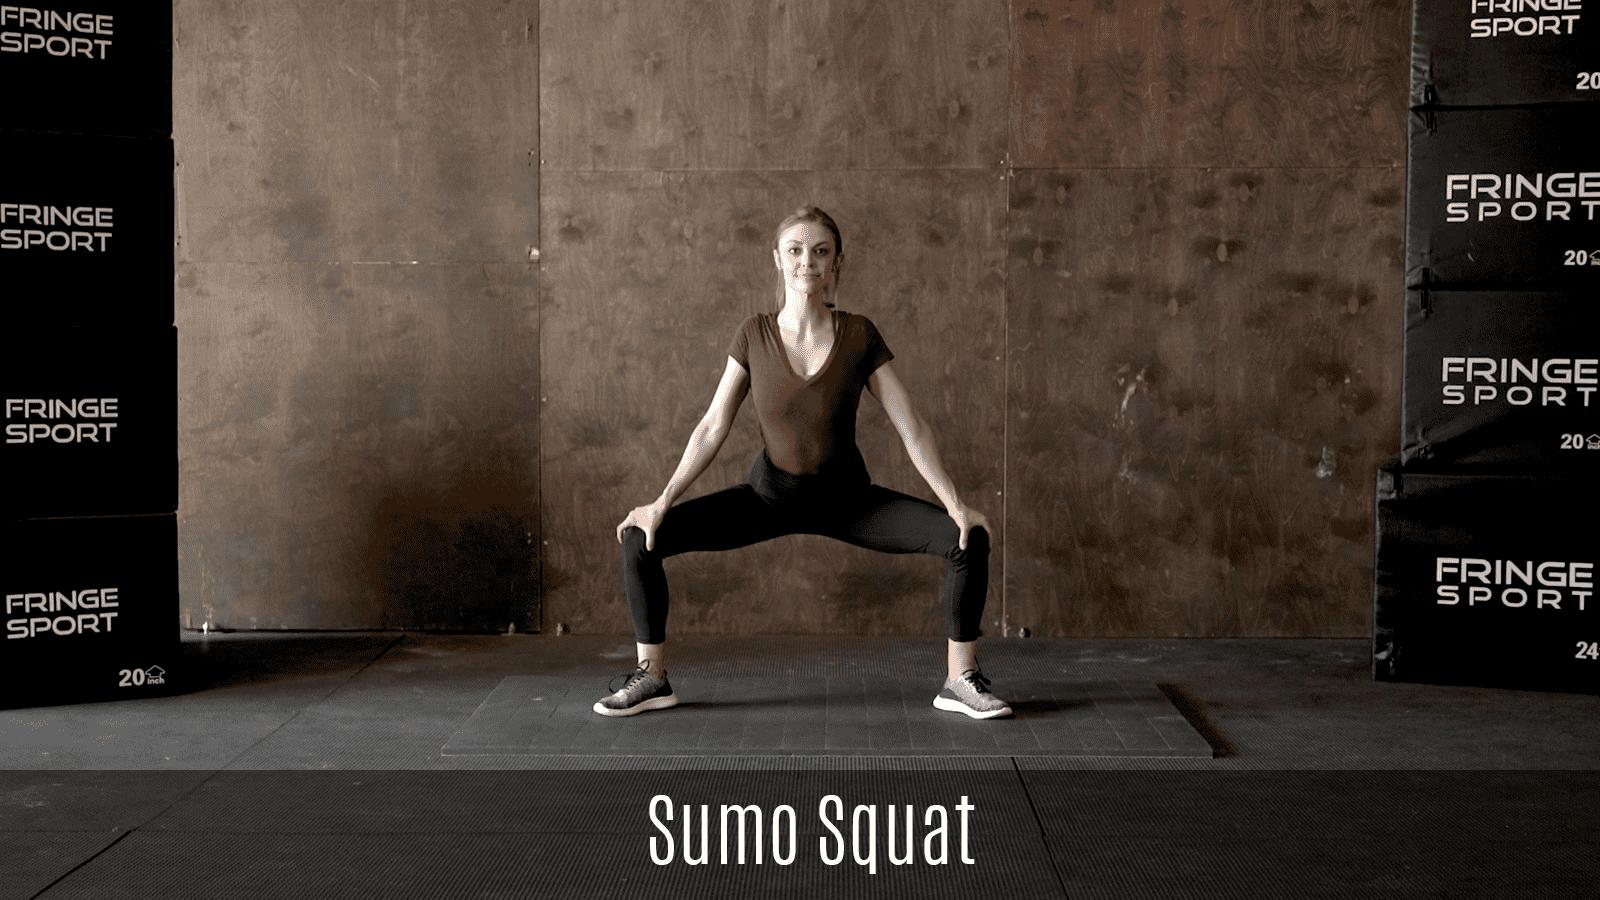 sumo squat movement demo